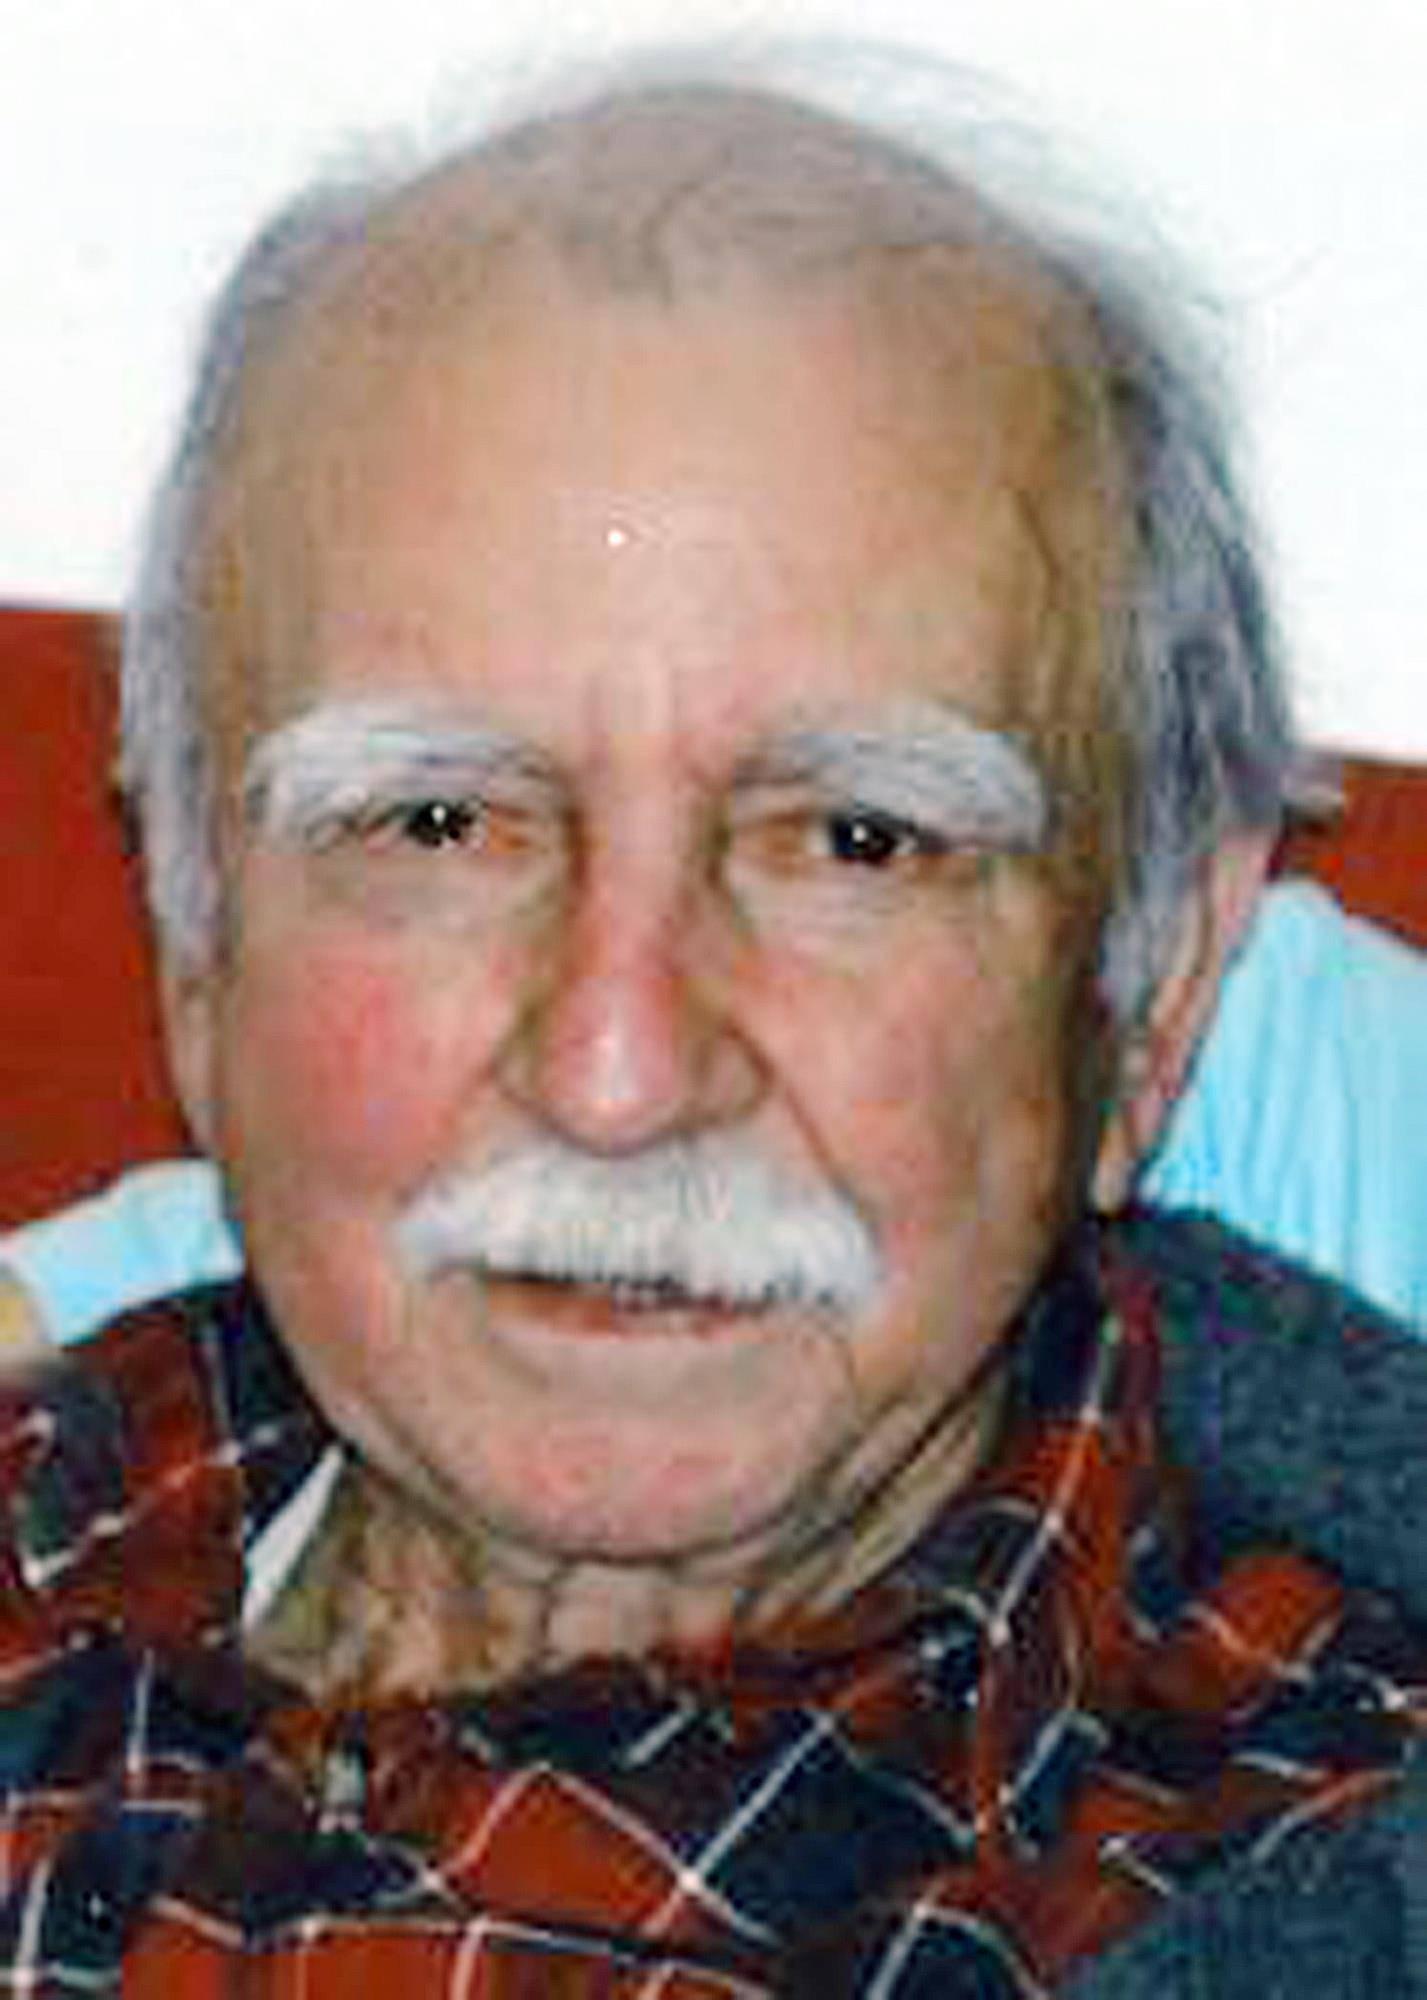 Muore a 92 anni, dopo due amici e familiari scoprono l'incredibile segreto